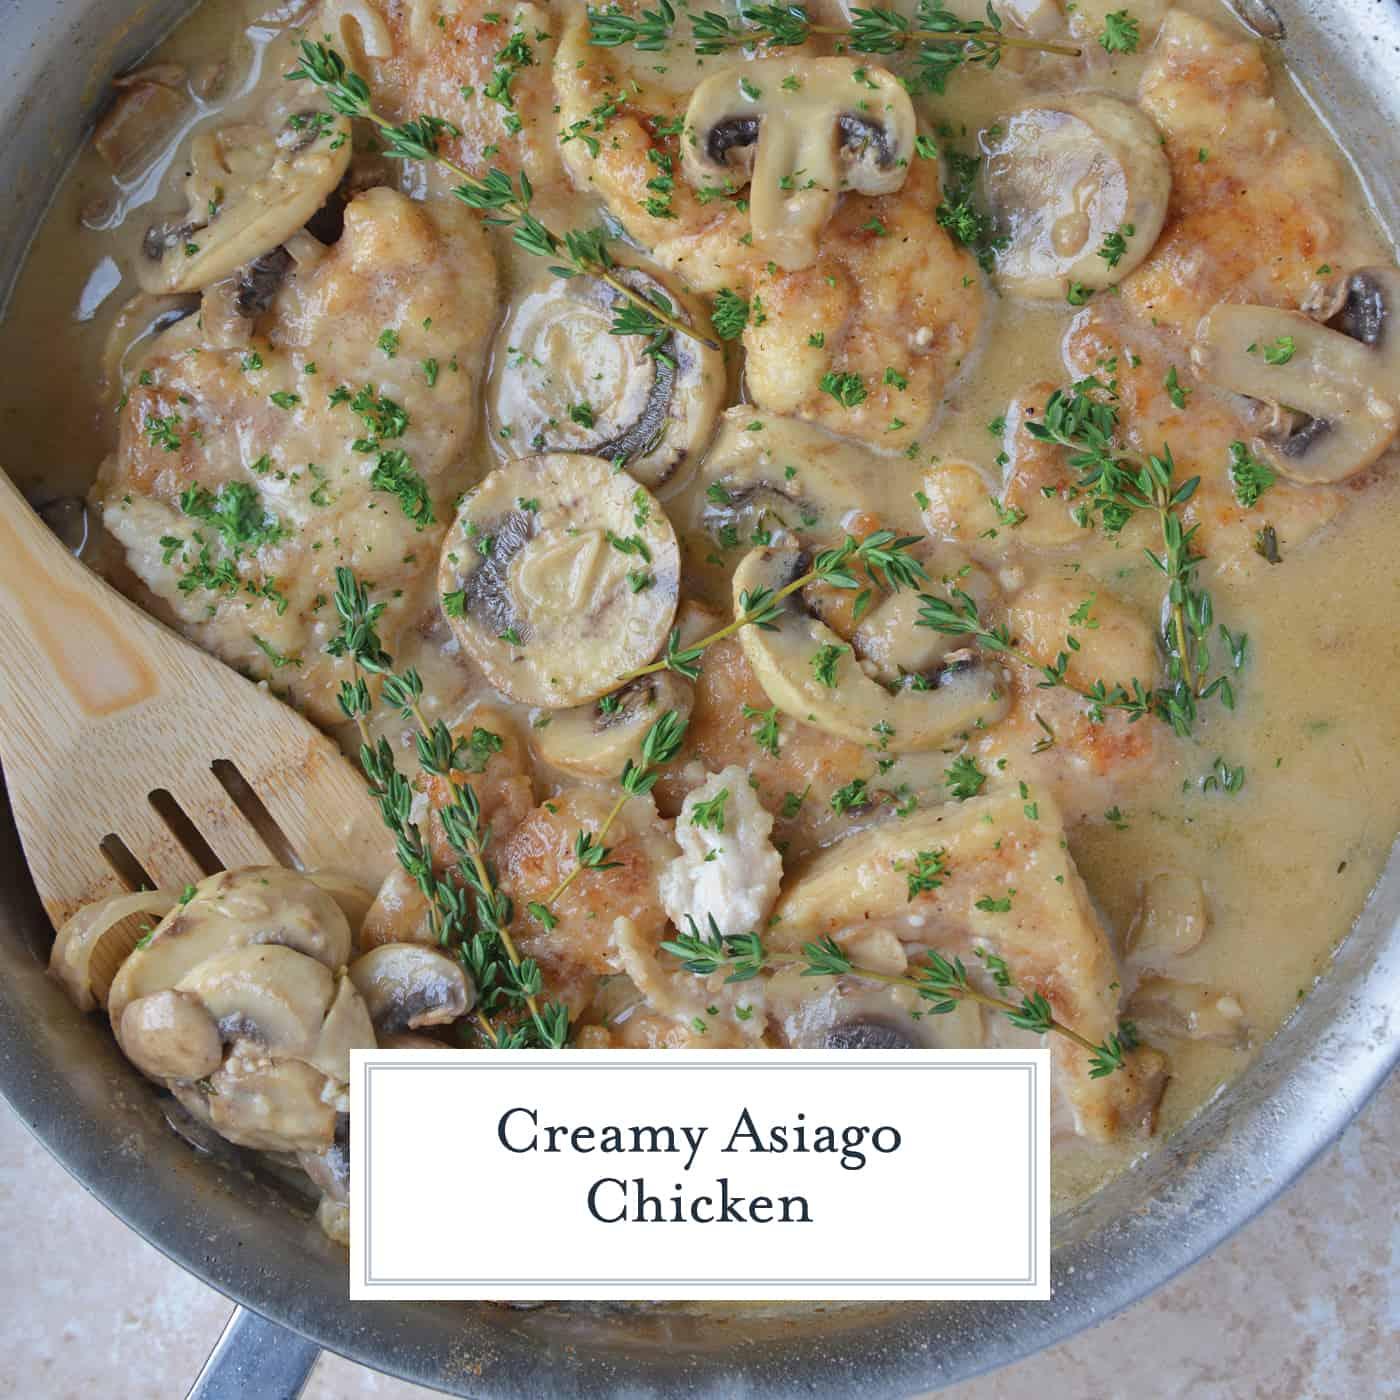 Creamy chicken in skillet